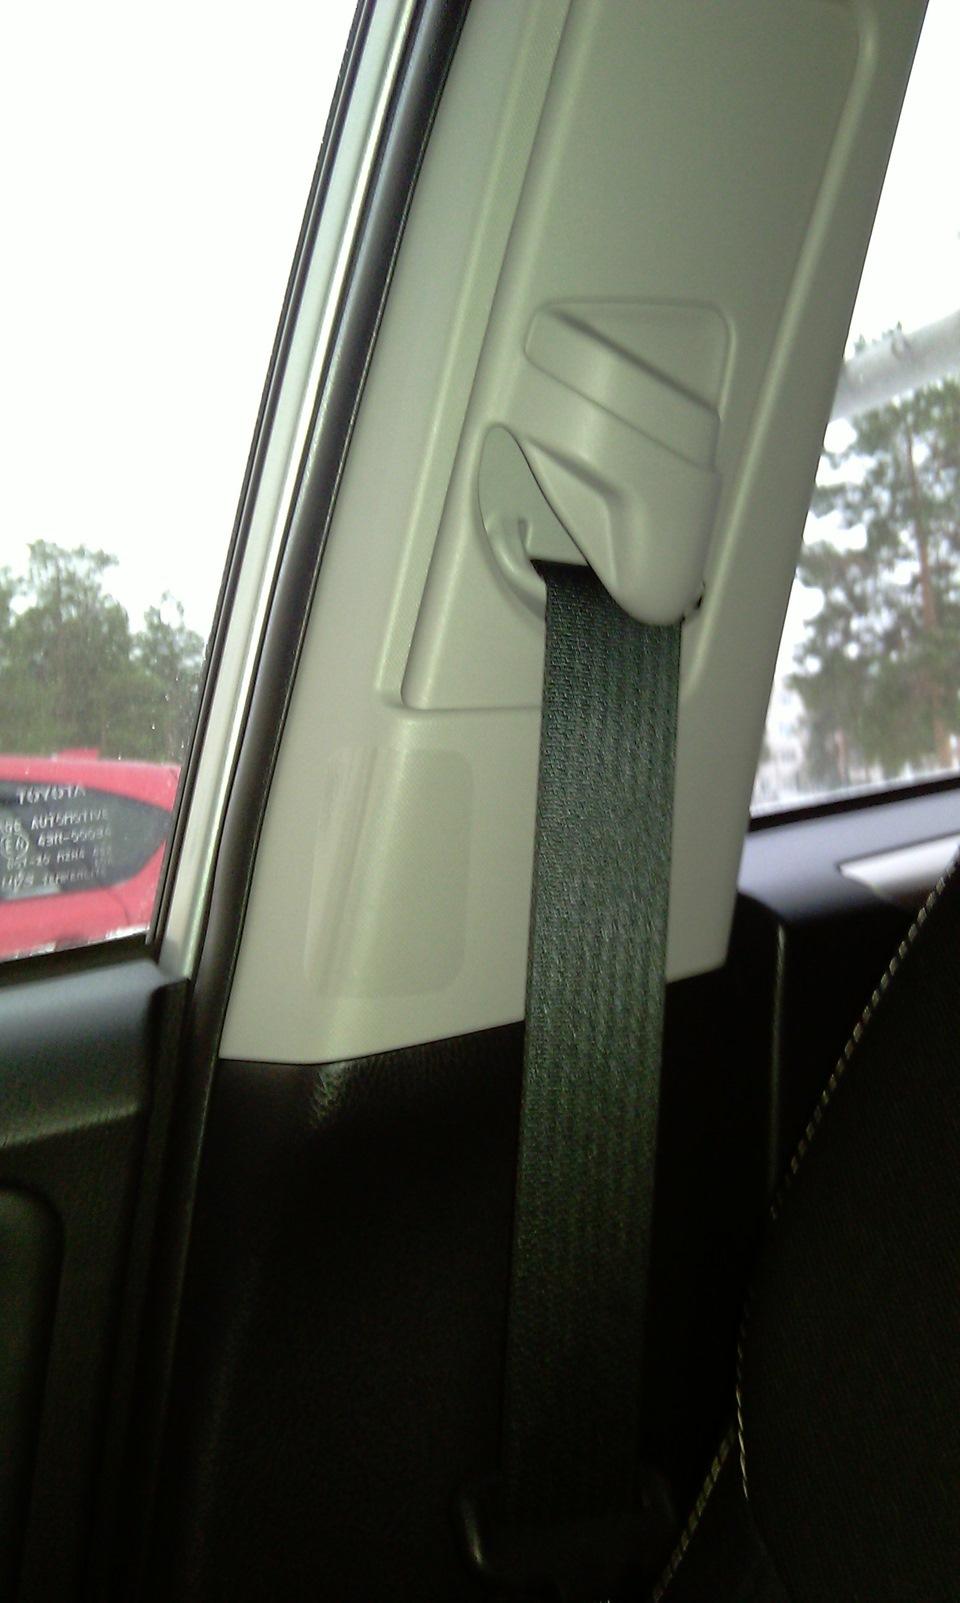 Ремонт стойки двери автомобиля